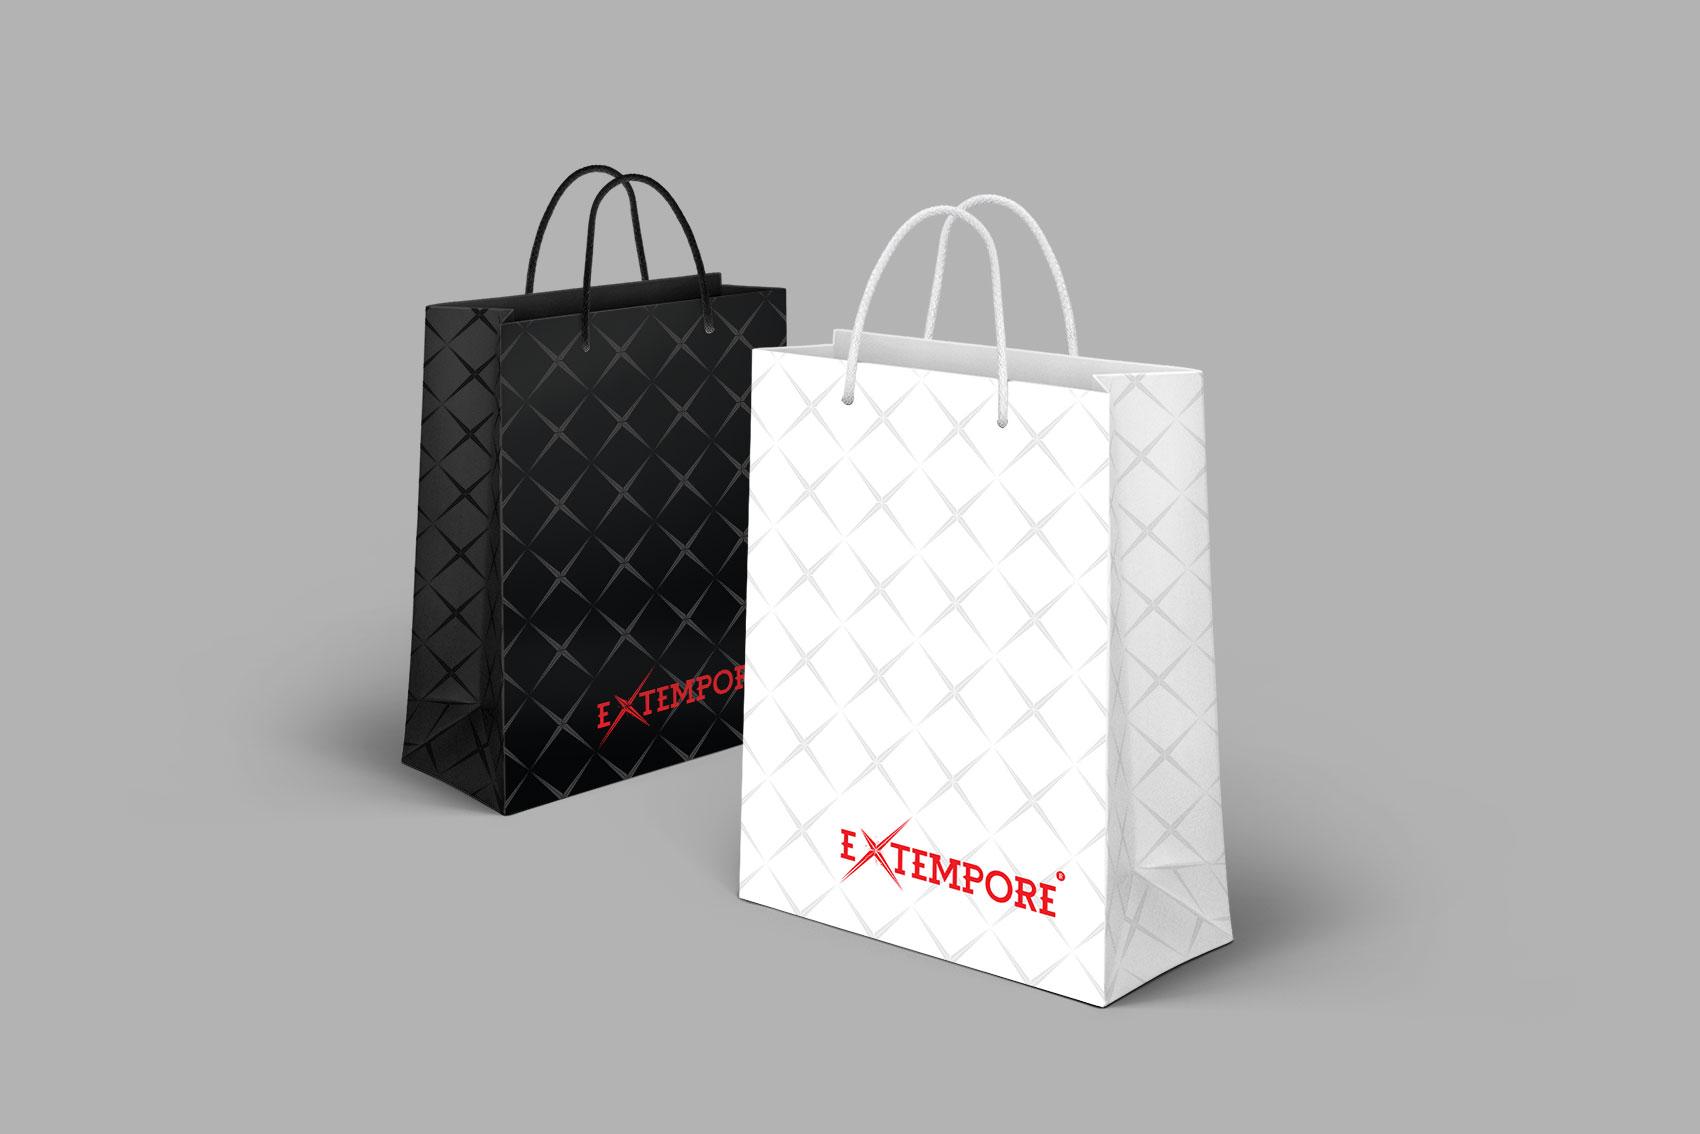 EXTEMPORE